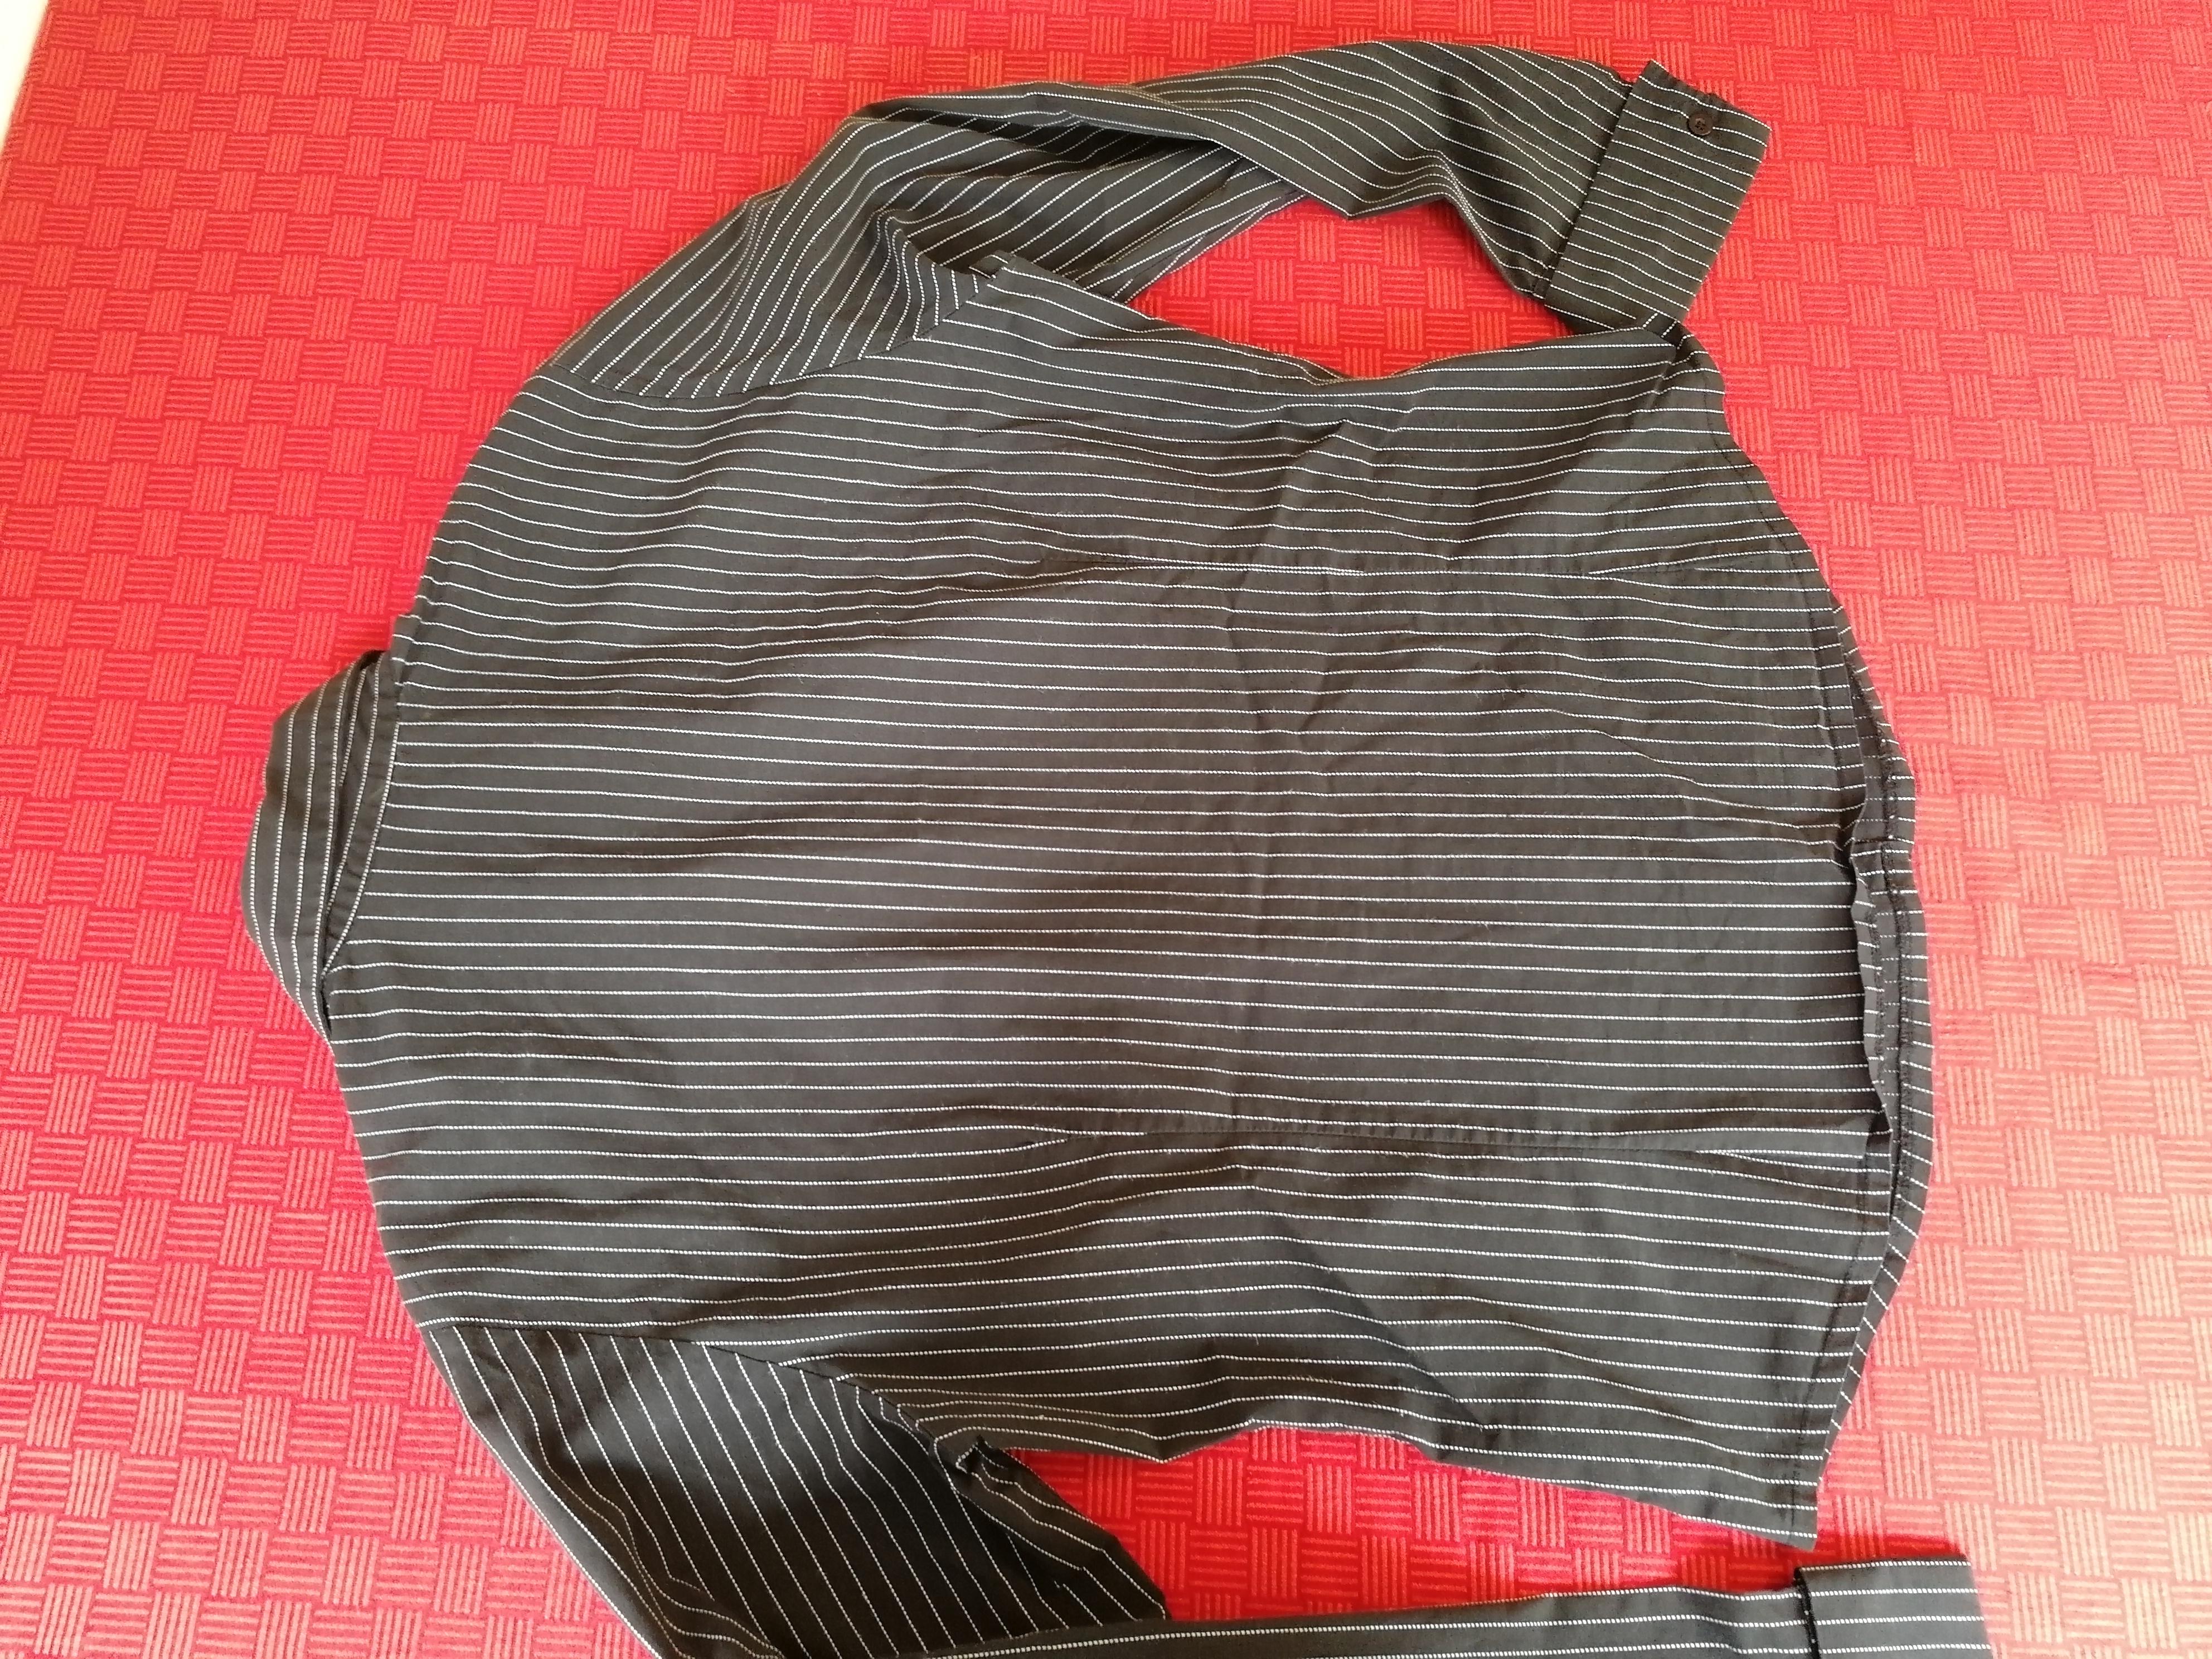 Schwarz weiß gestreifte Bluse 42 kostenlos